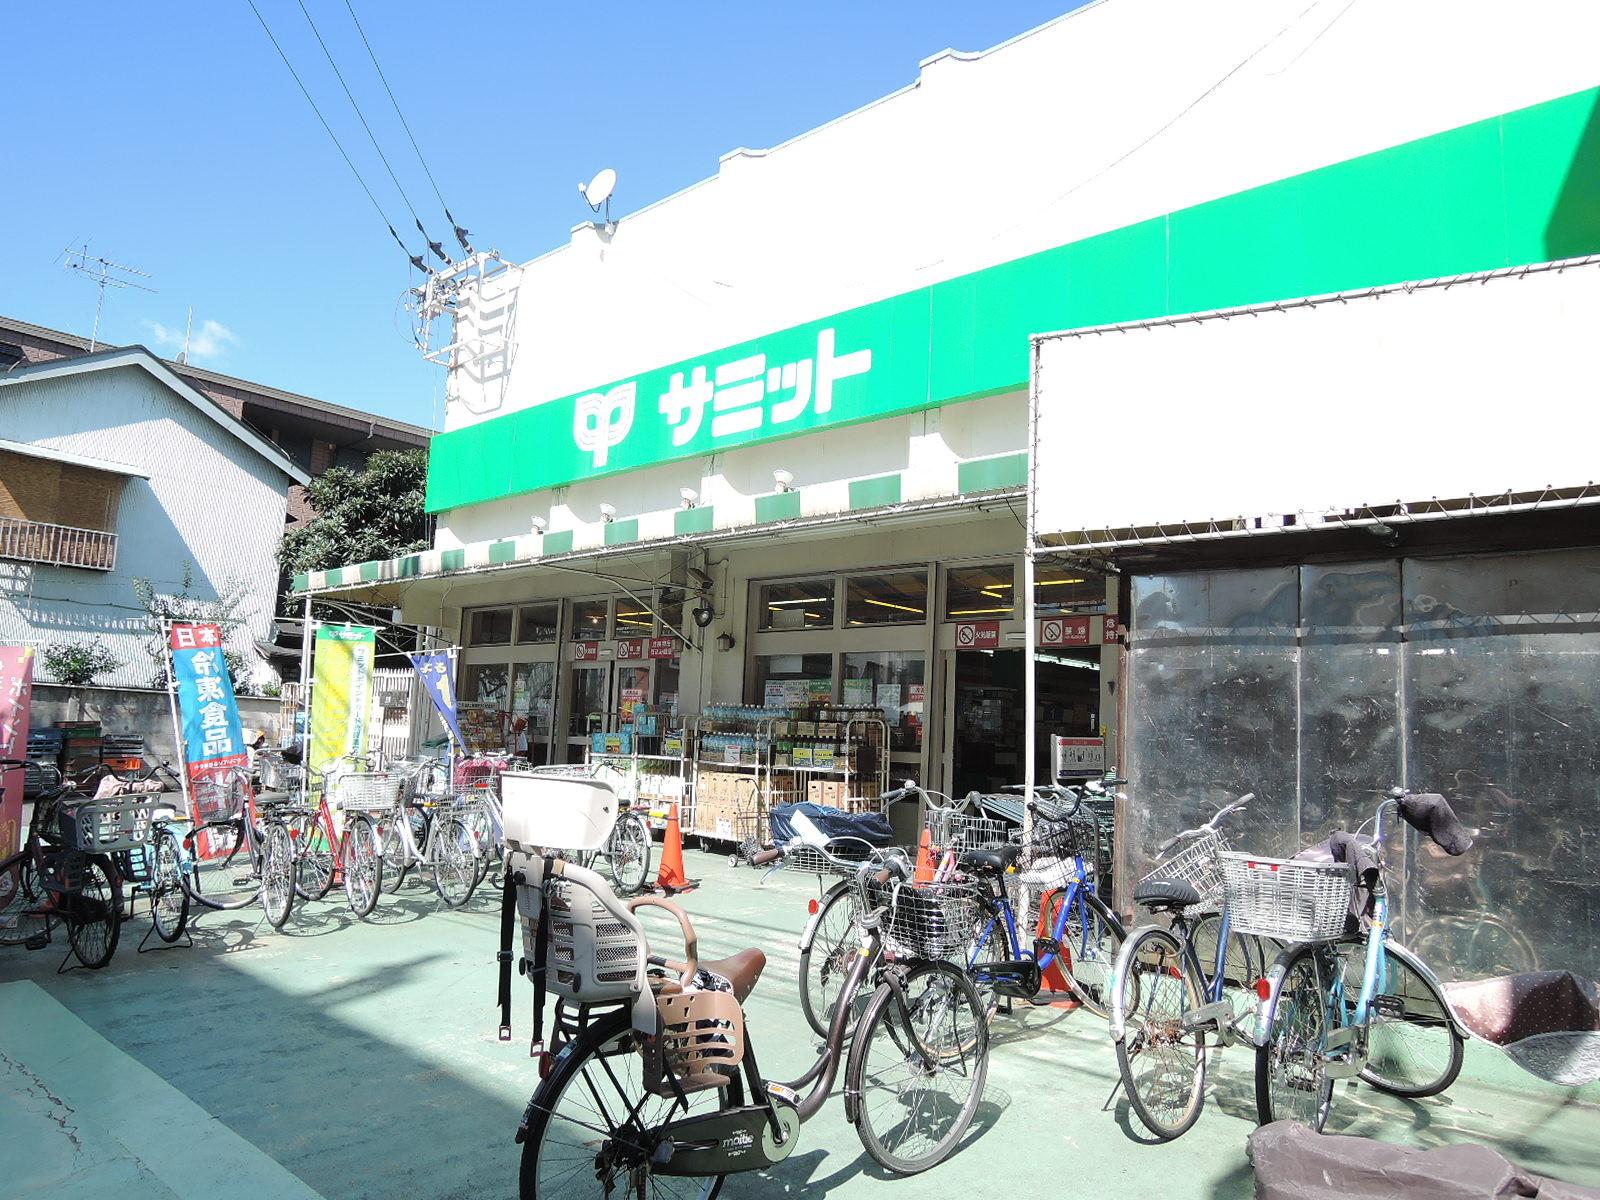 商店街にはスーパーマーケット